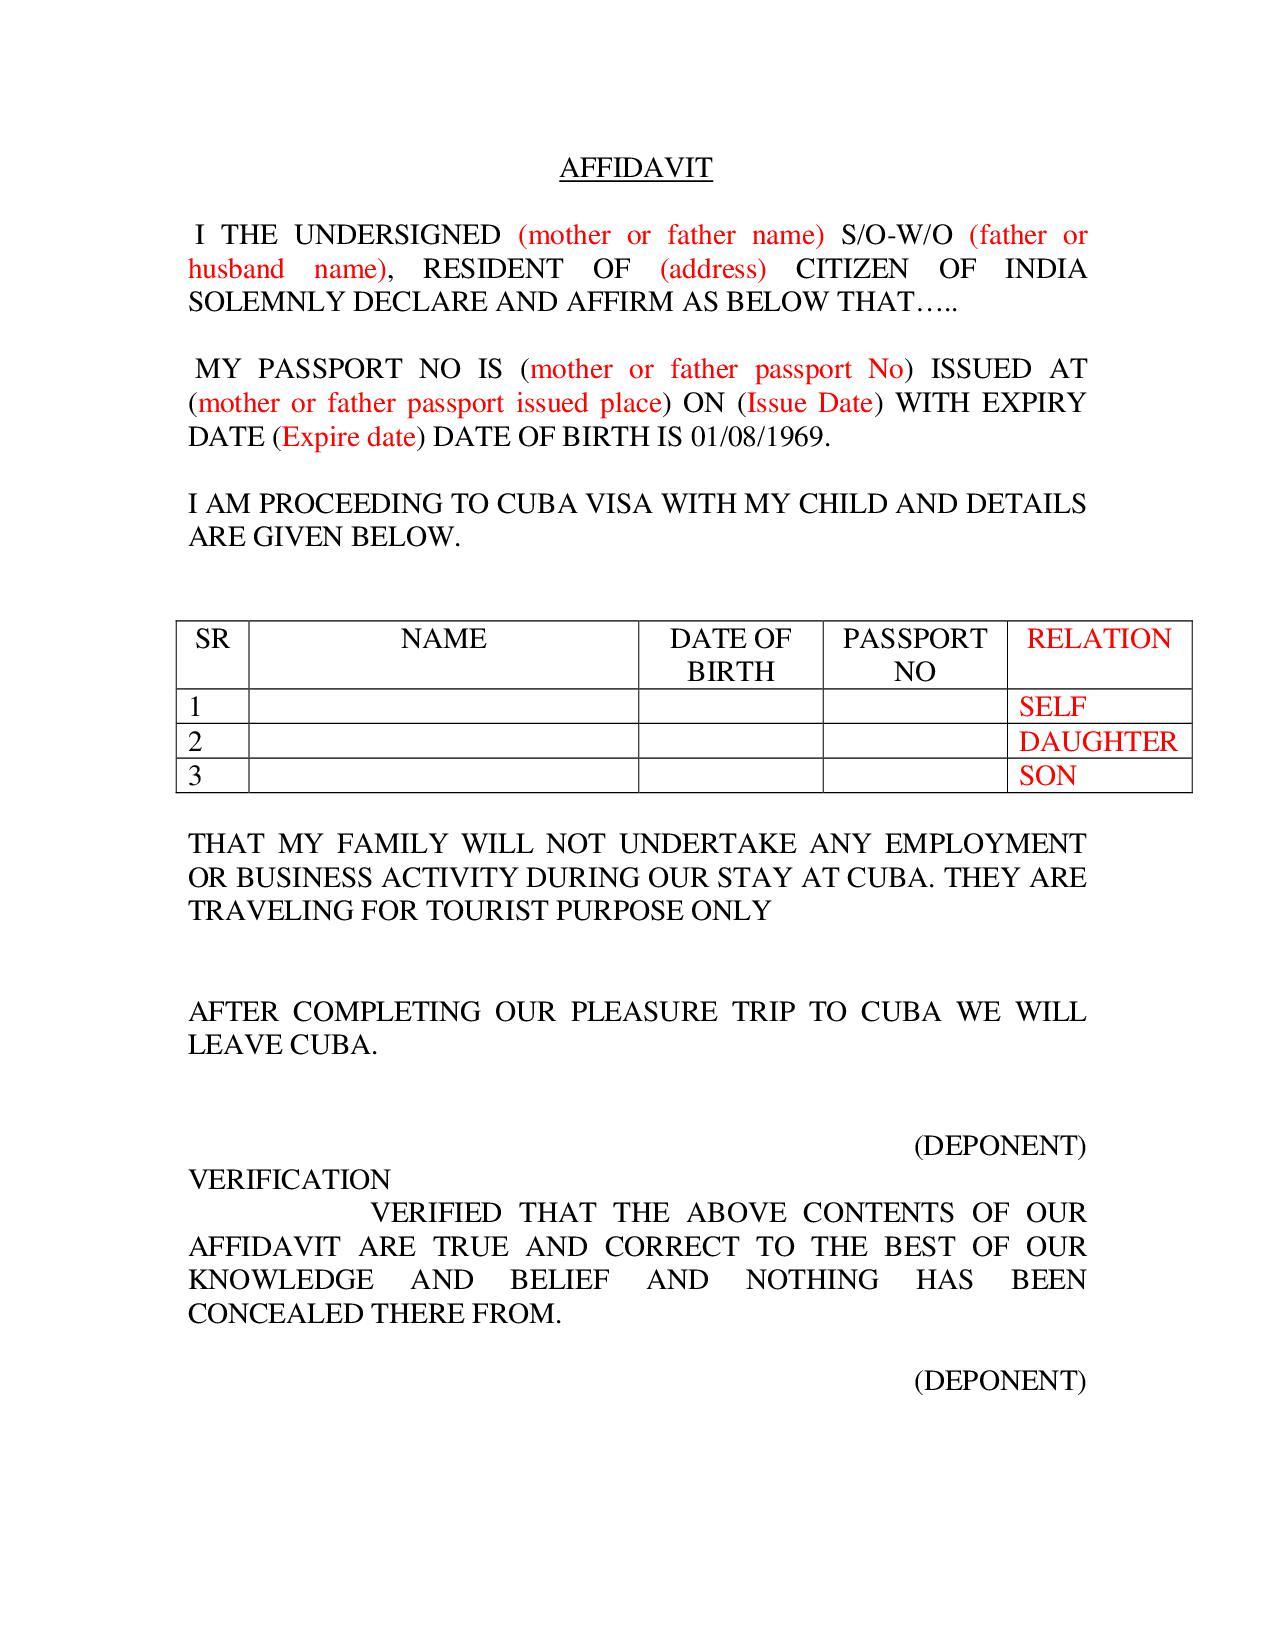 Cuba-Kid-Affidavit-Format Online Indian Visa Application Form For Desh Pdf on